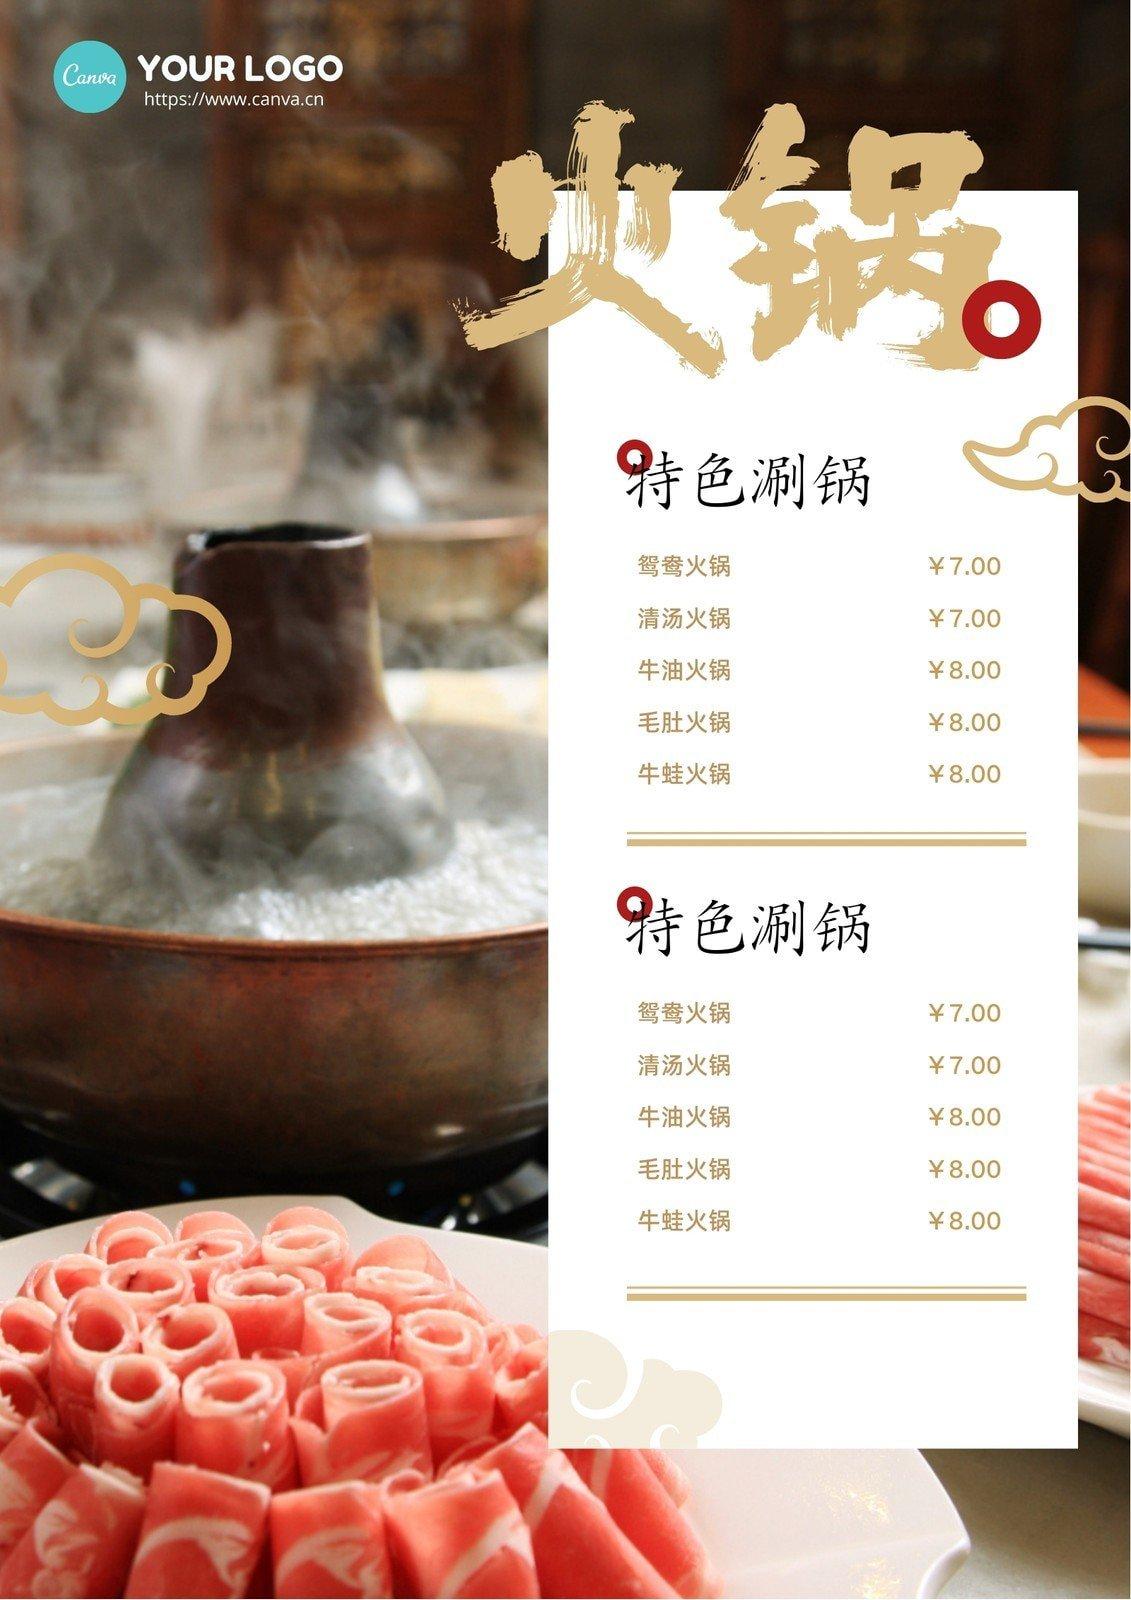 黄色美味火锅菜单